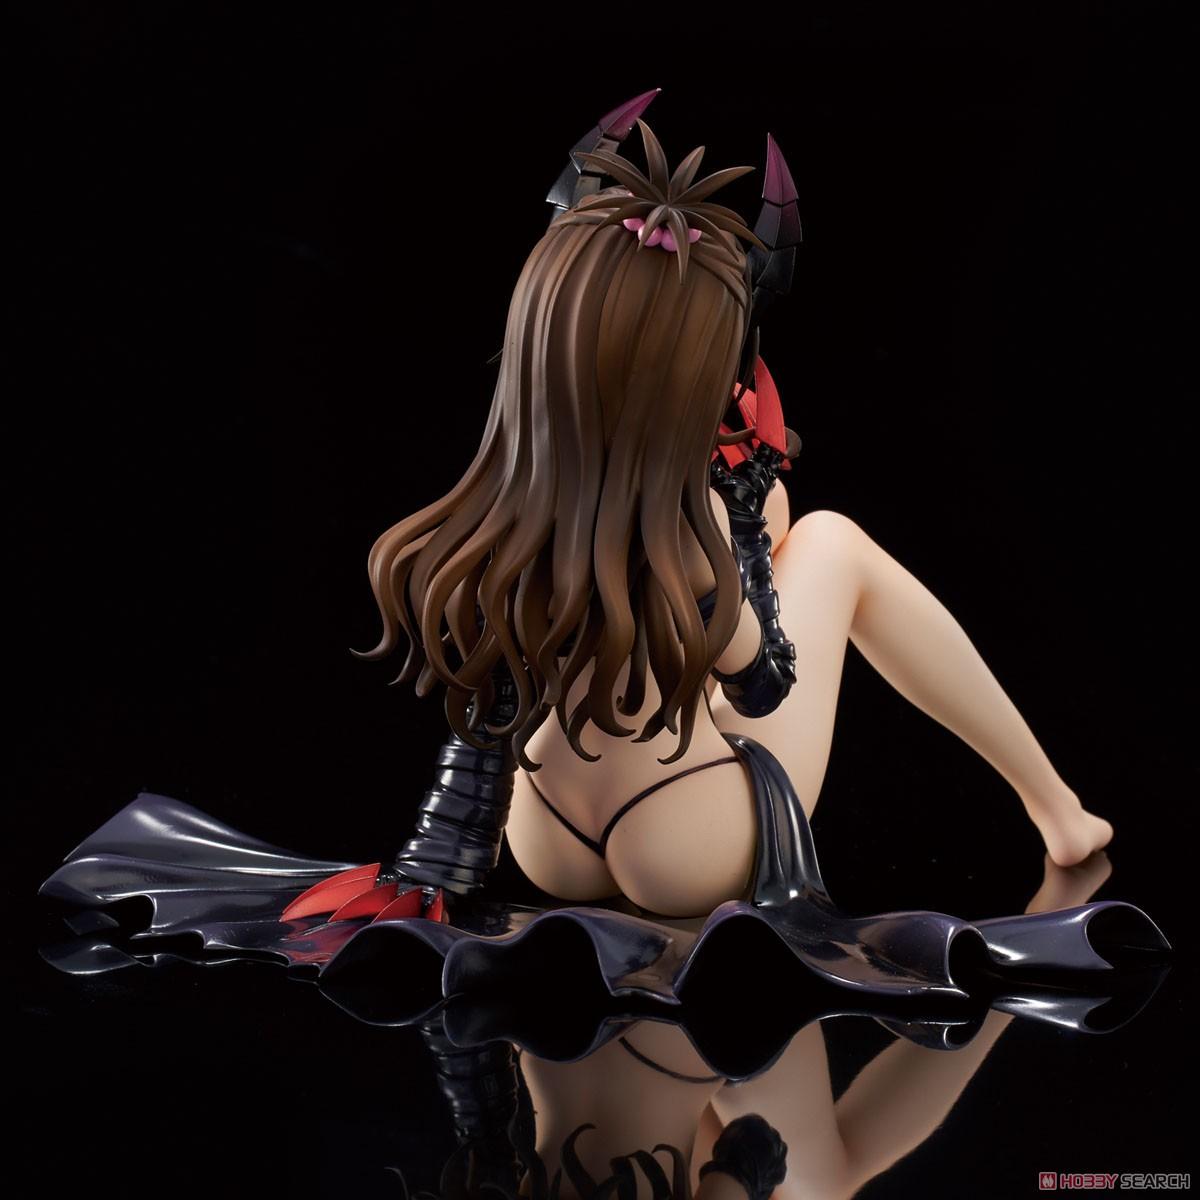 【再販】To LOVEる-とらぶる- ダークネス『結城美柑 ダークネスver.』1/6 完成品フィギュア-006